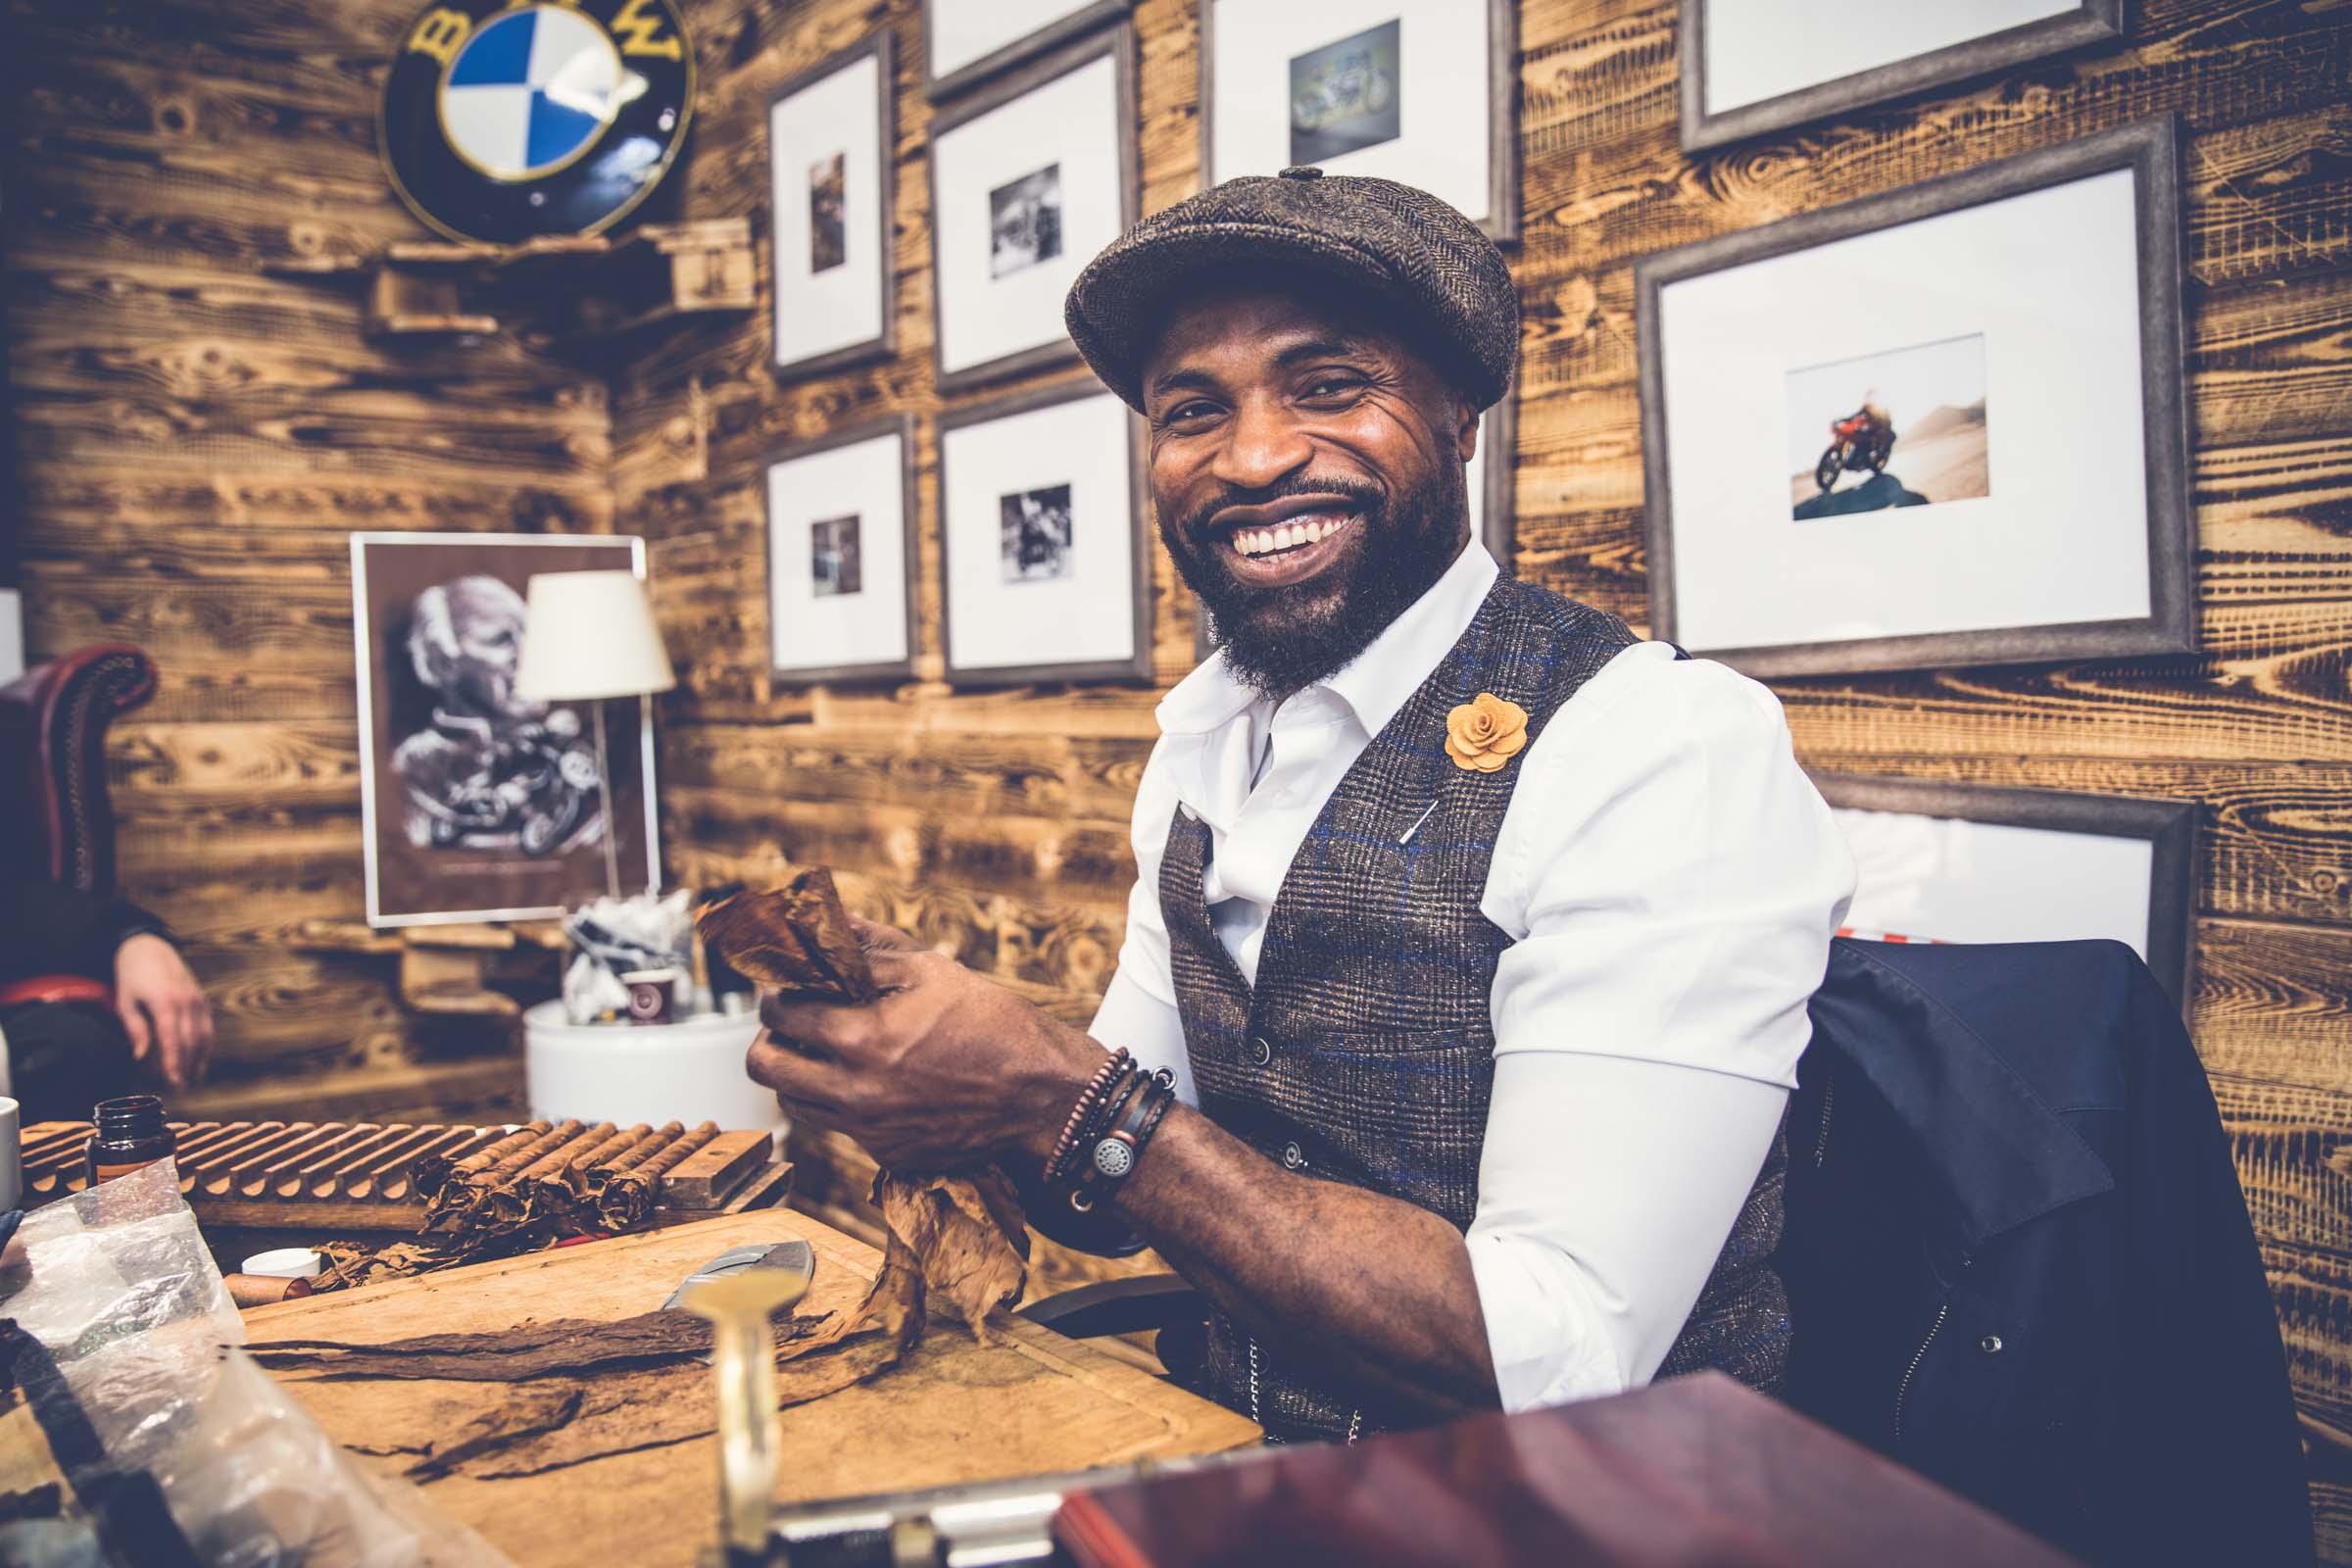 Zigarrenroller | Zigarrendreher | Kubanische | Zigarre | Handmade | Event | Business | Gala | Buchen |Anfragen